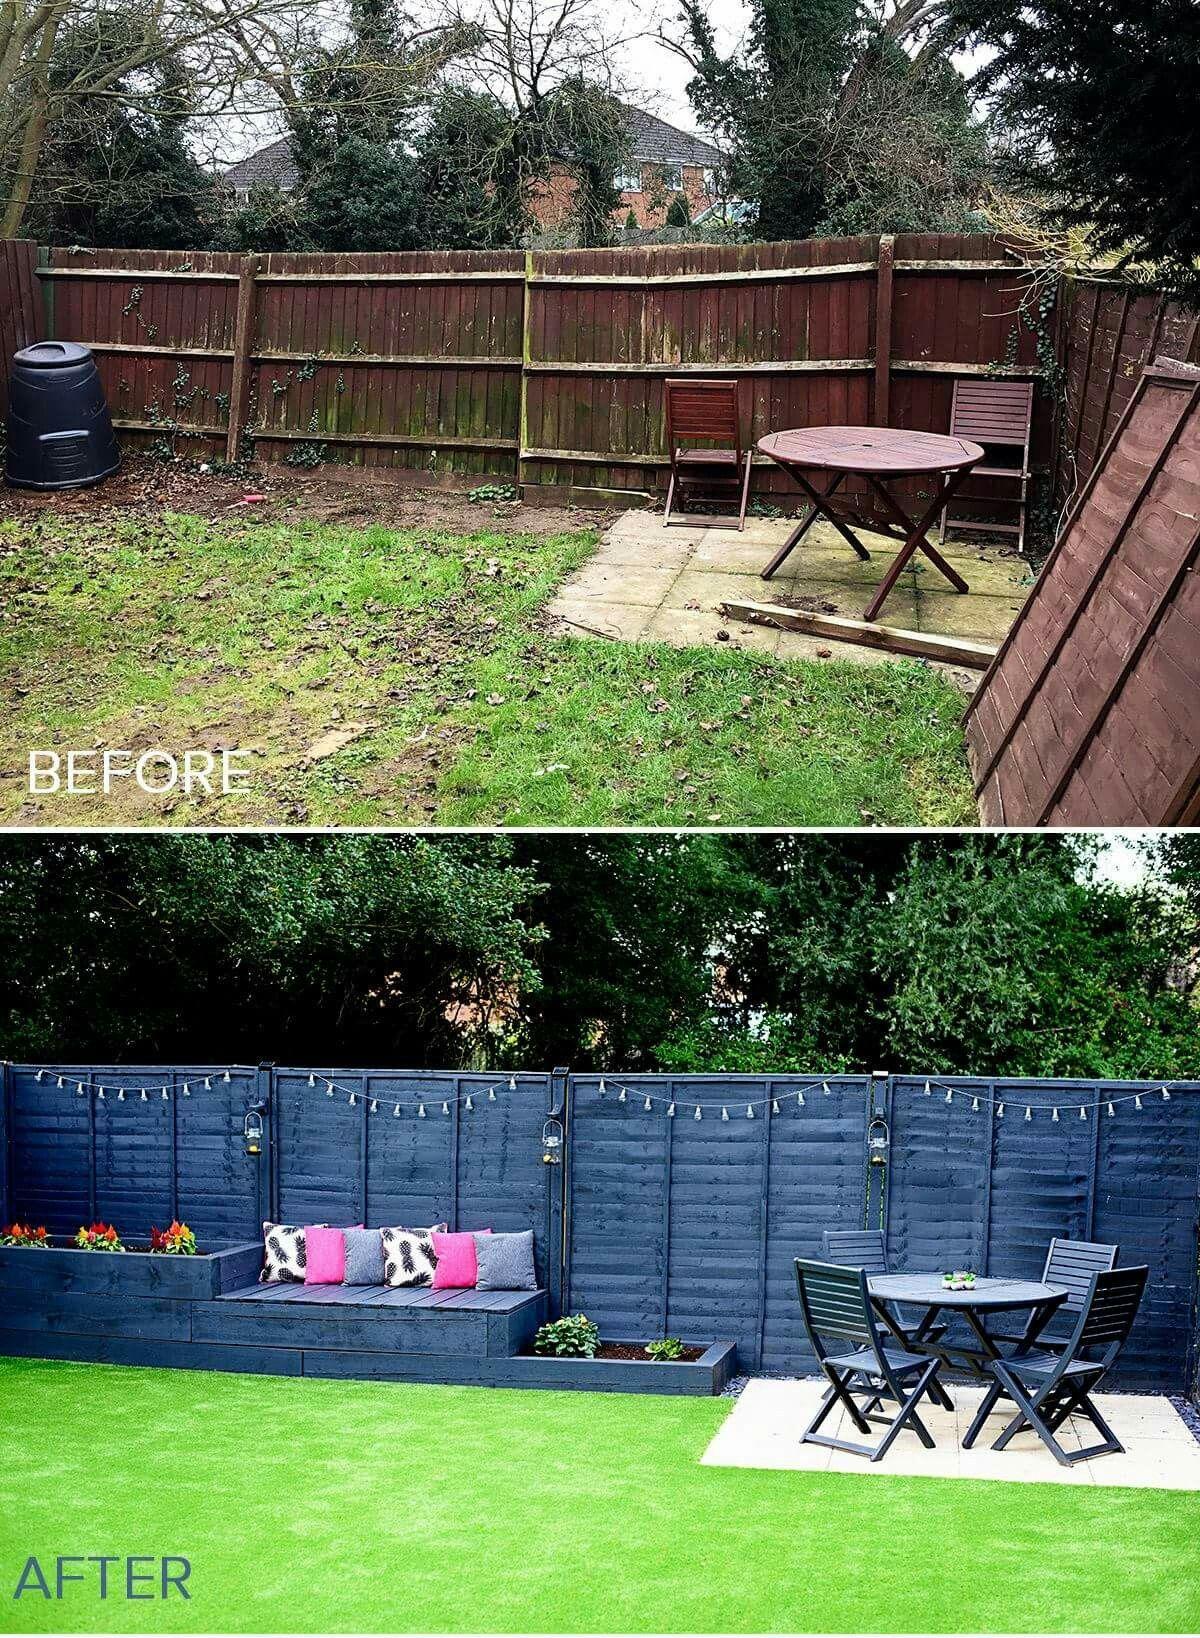 Look This Awesome Garden Bench Old Ideas 1293882785 Diyporchbench Gardenbenchideasd Backyard Landscaping Designs Small Backyard Landscaping Backyard Makeover